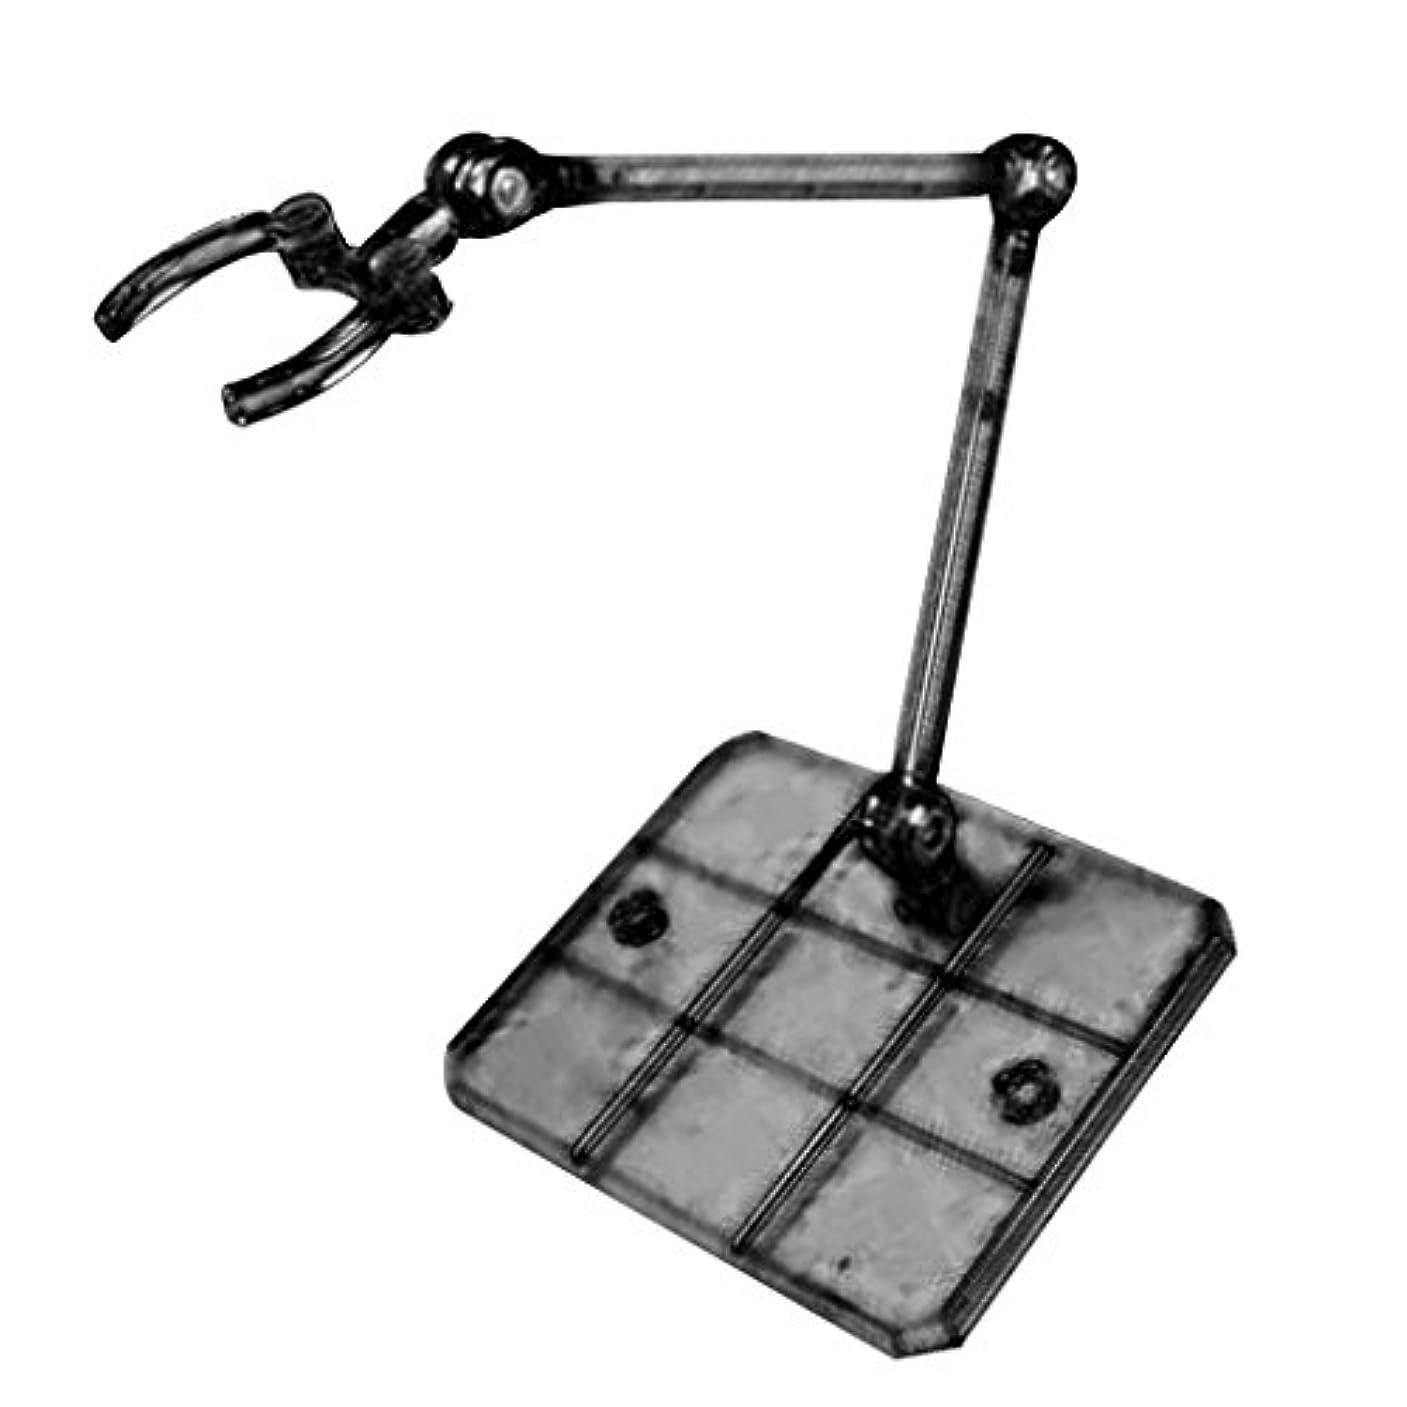 トリム挨拶する強要携帯スタンド 携帯ディスプレイホルダー 簡単な組み立て 簡単に置き換える 1/144 1/100